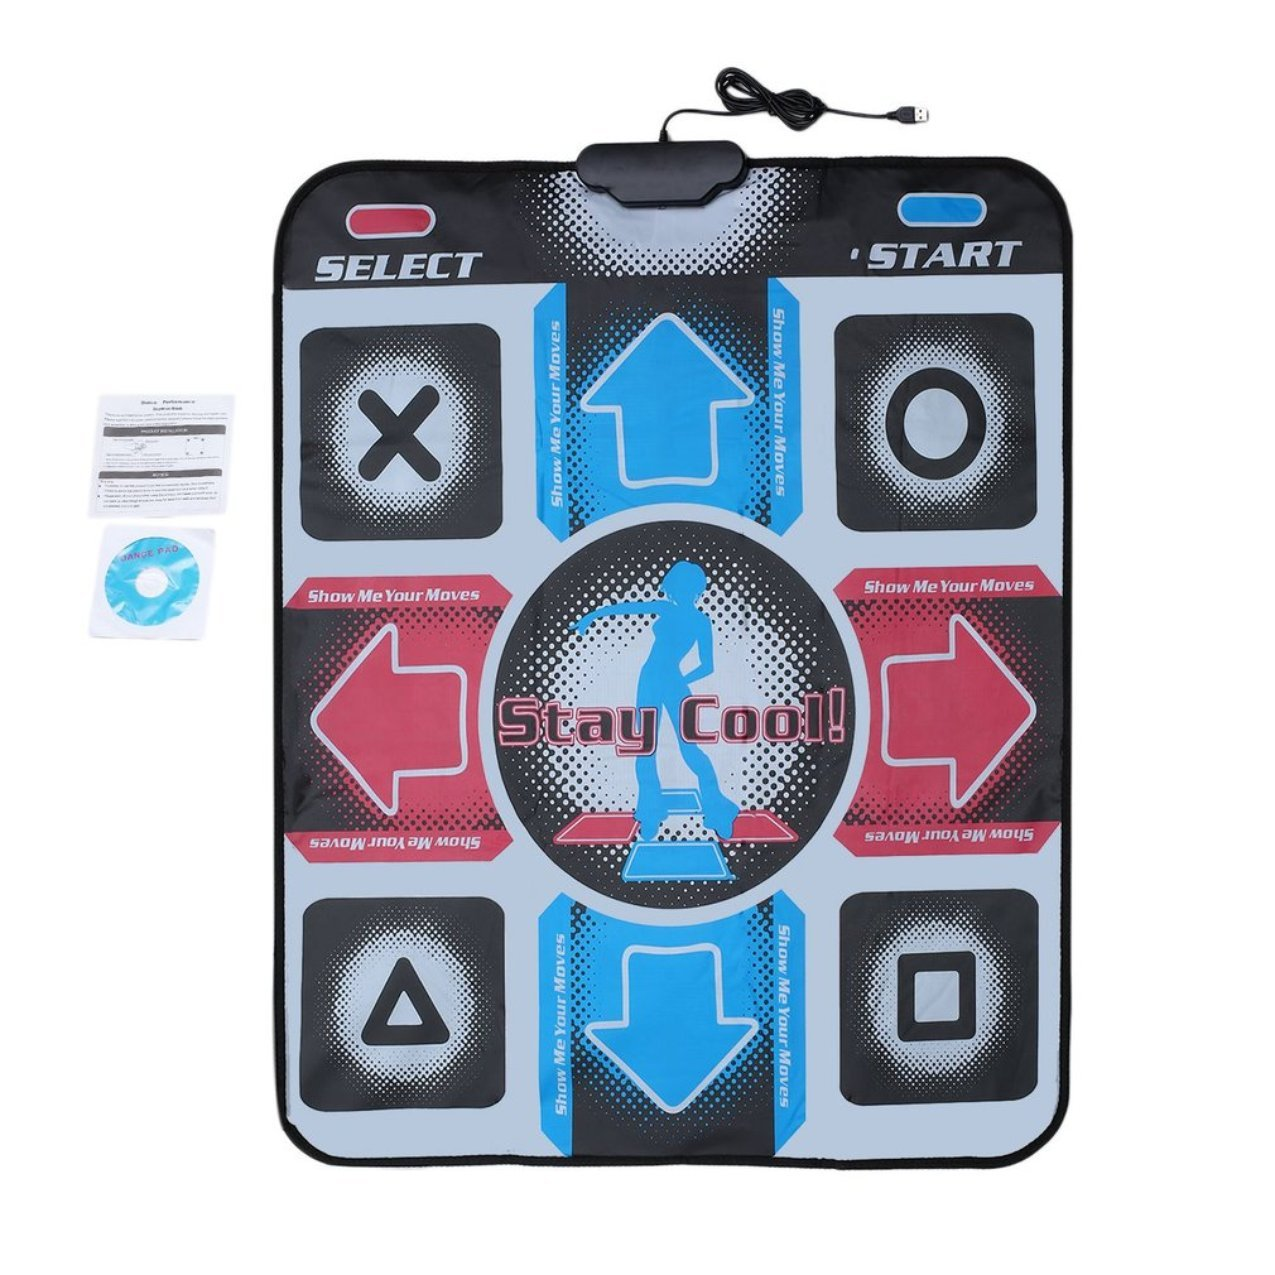 Antideslizante Durable Resistente al Desgaste Baile Step Dance Pad Pad Pad Dancer Blanket para PC con USB para Culturismo Fitness lookie mote134